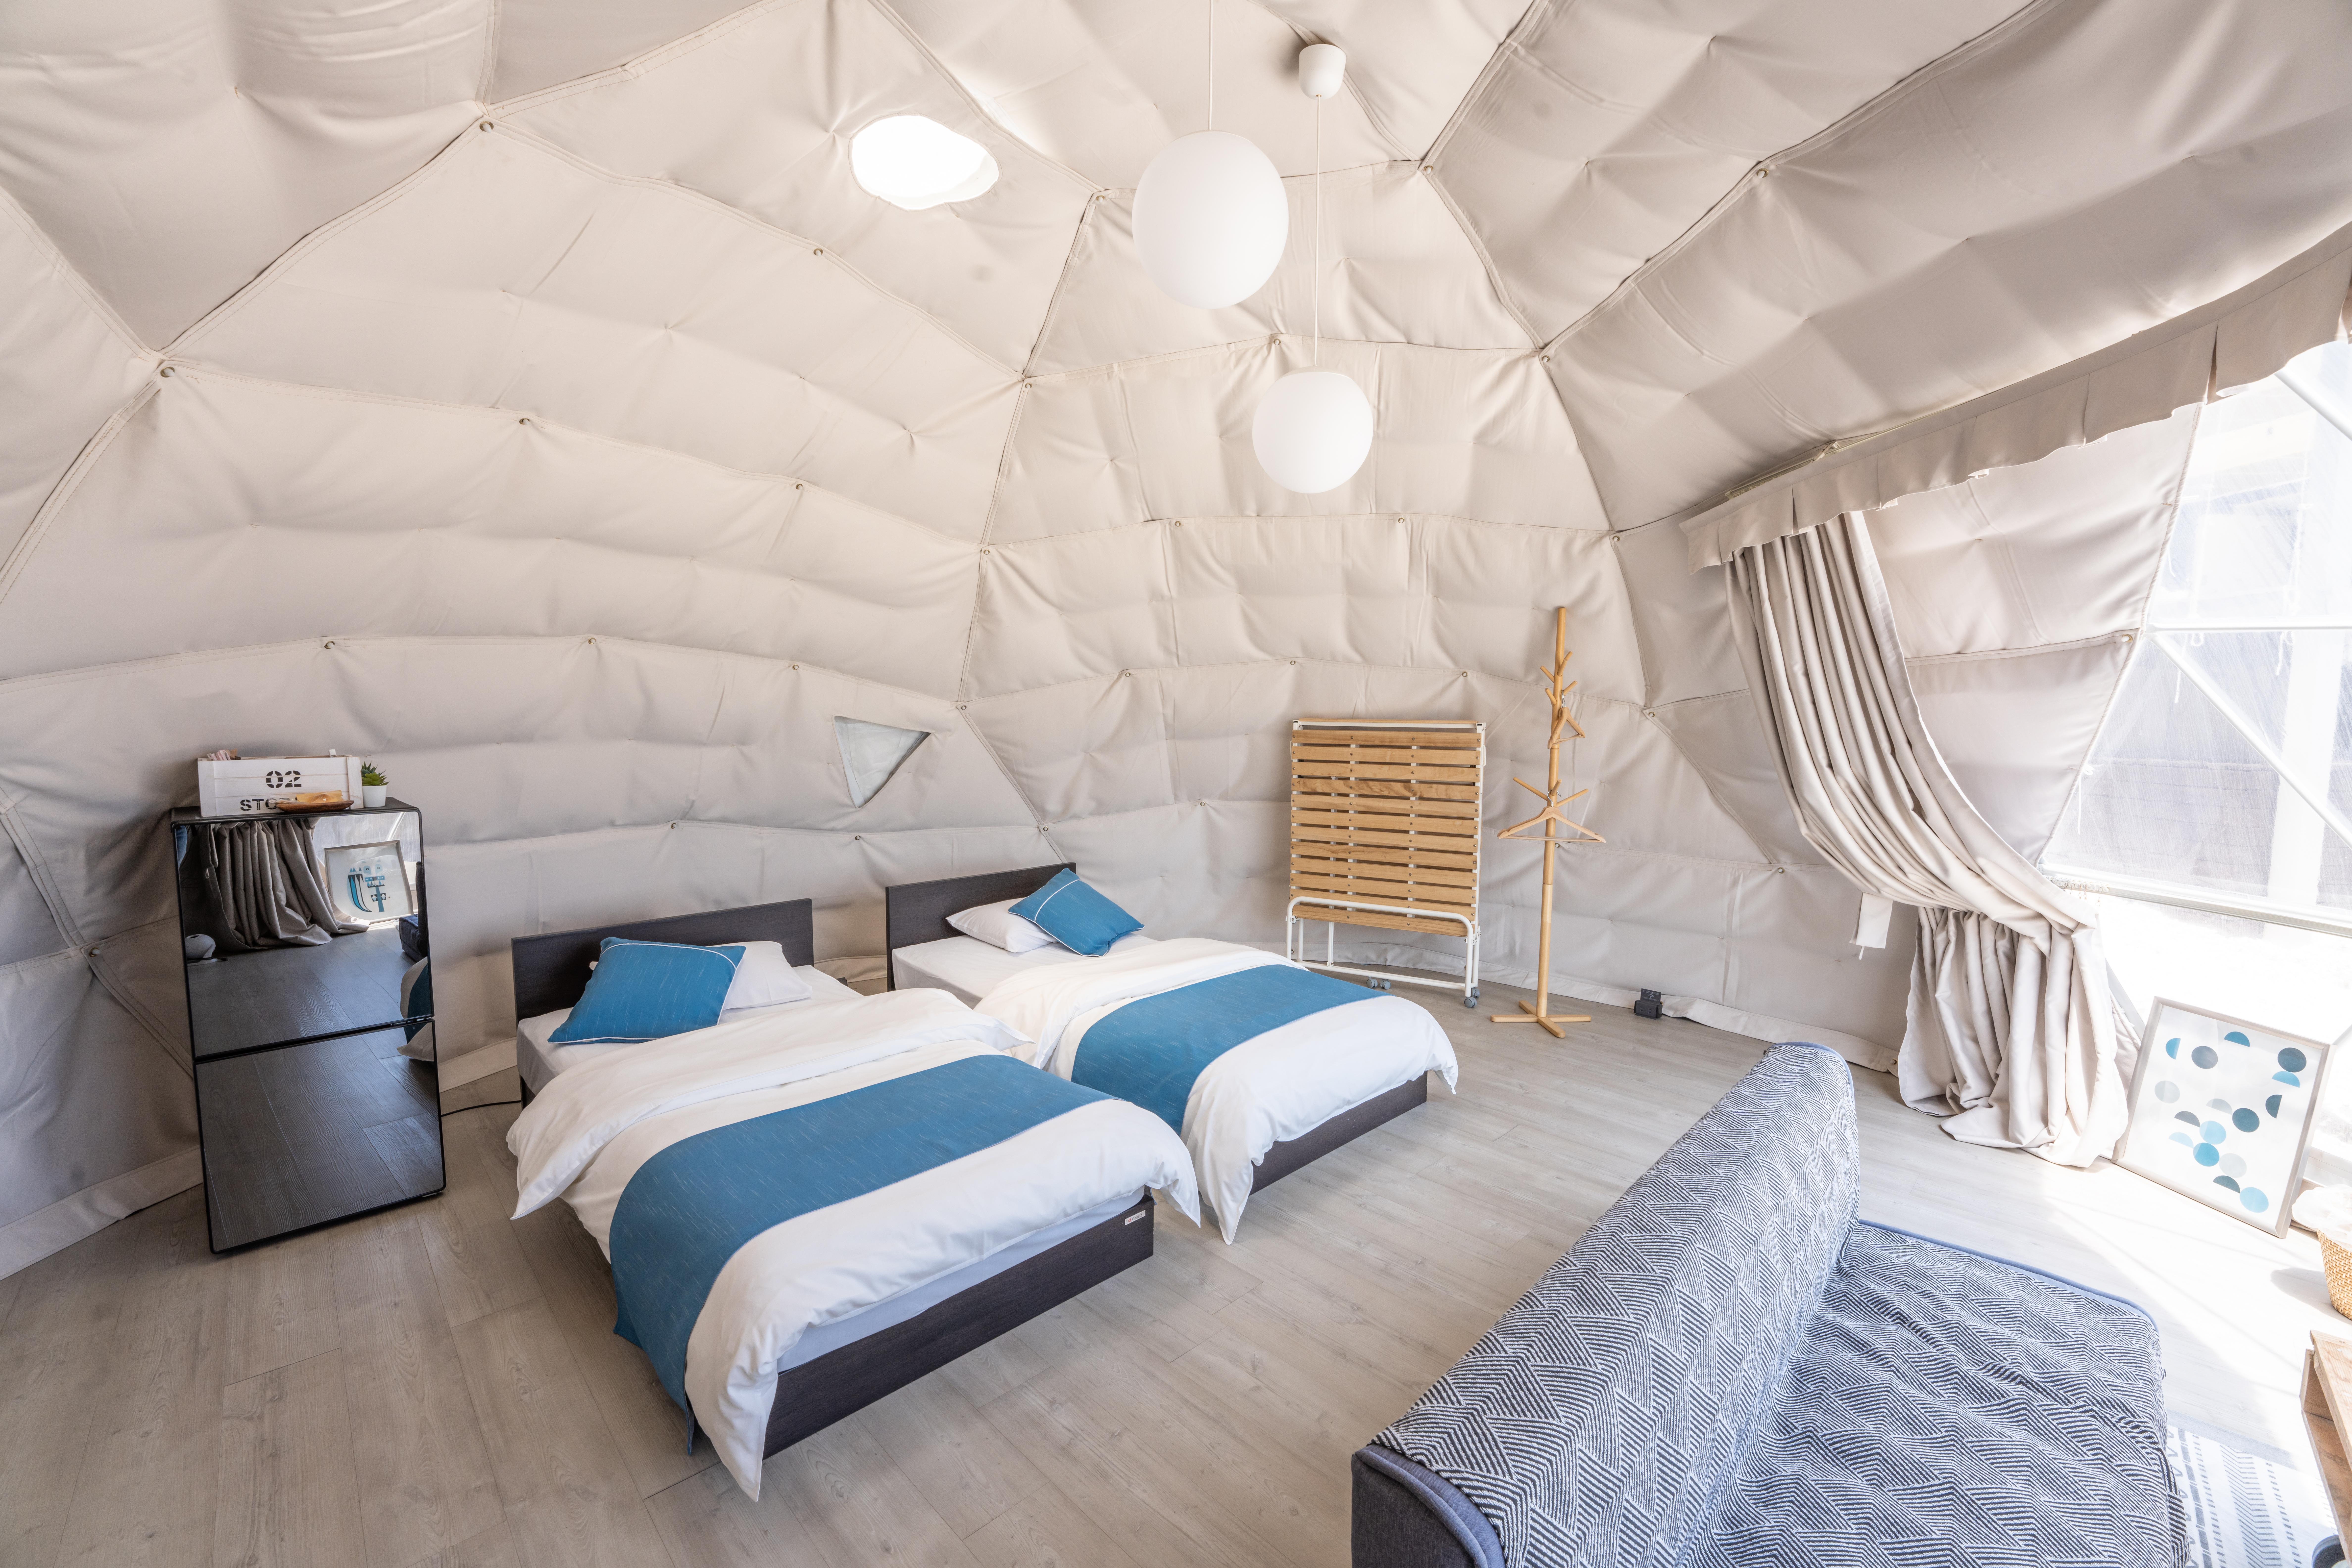 ドームテント室内